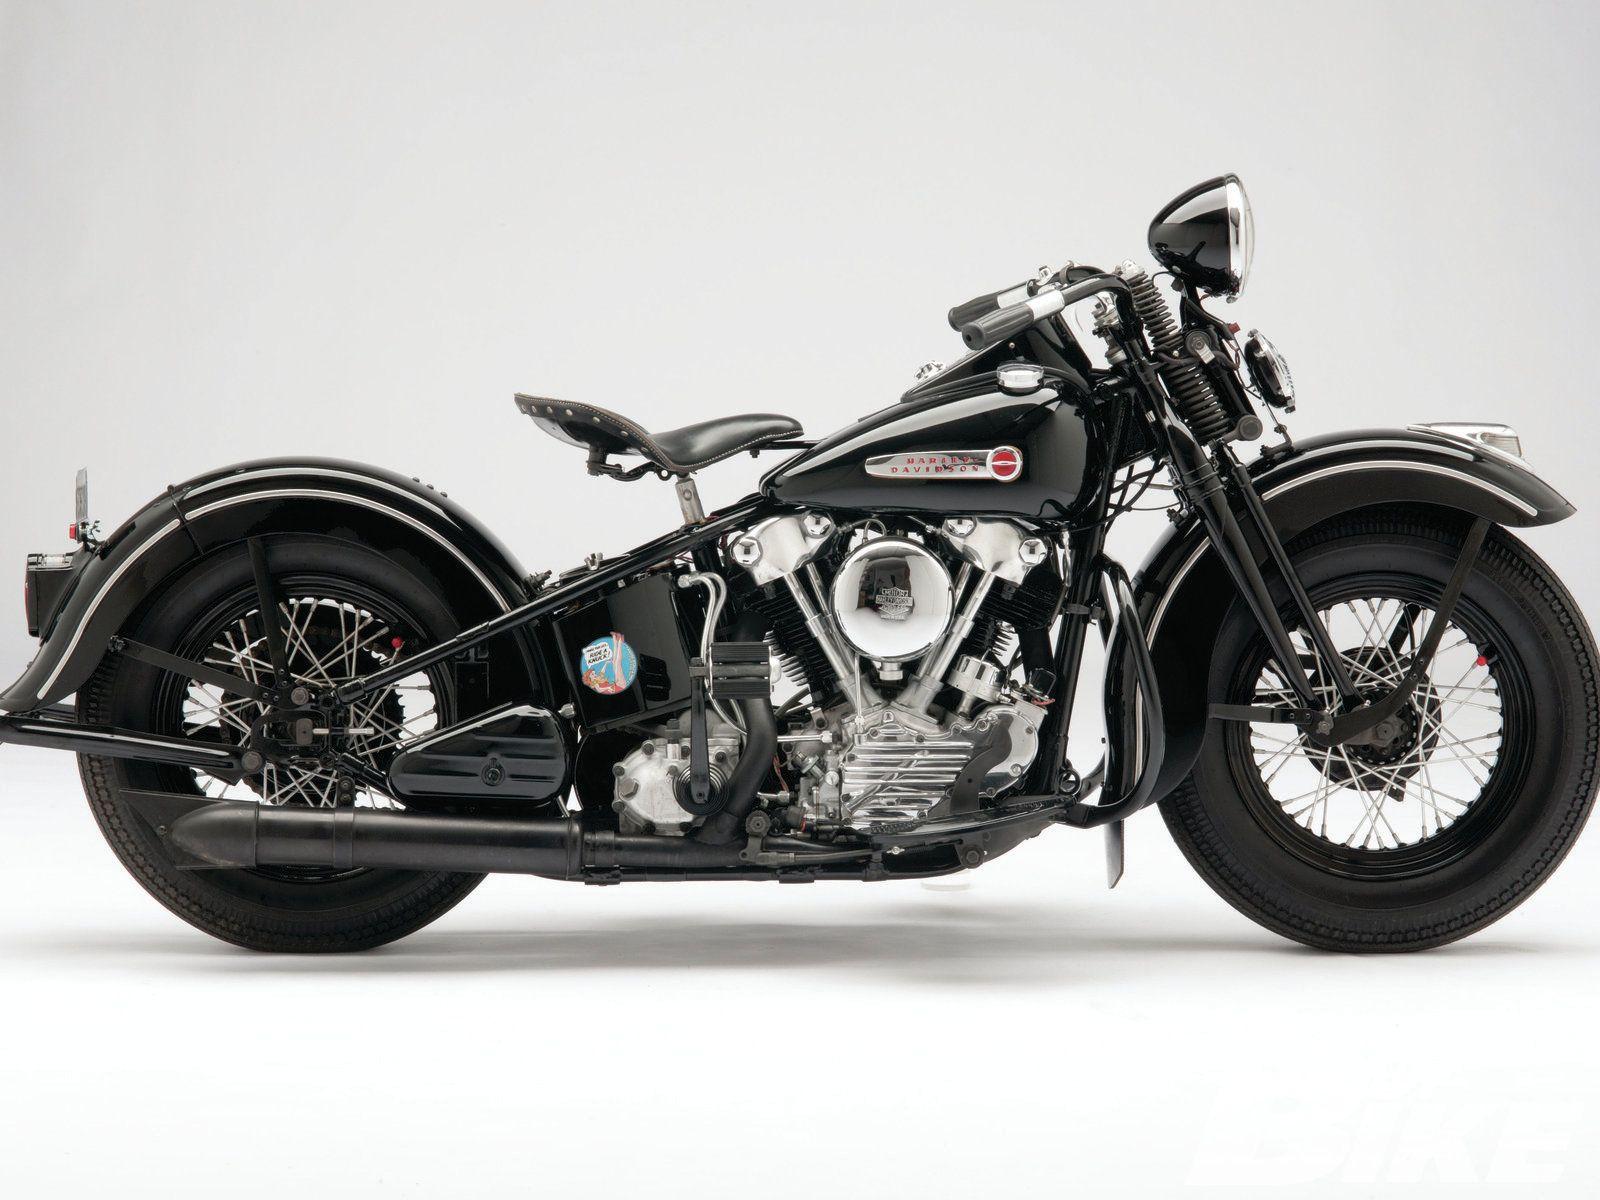 Making Dreams Come True Con Imagenes Harley Davidson